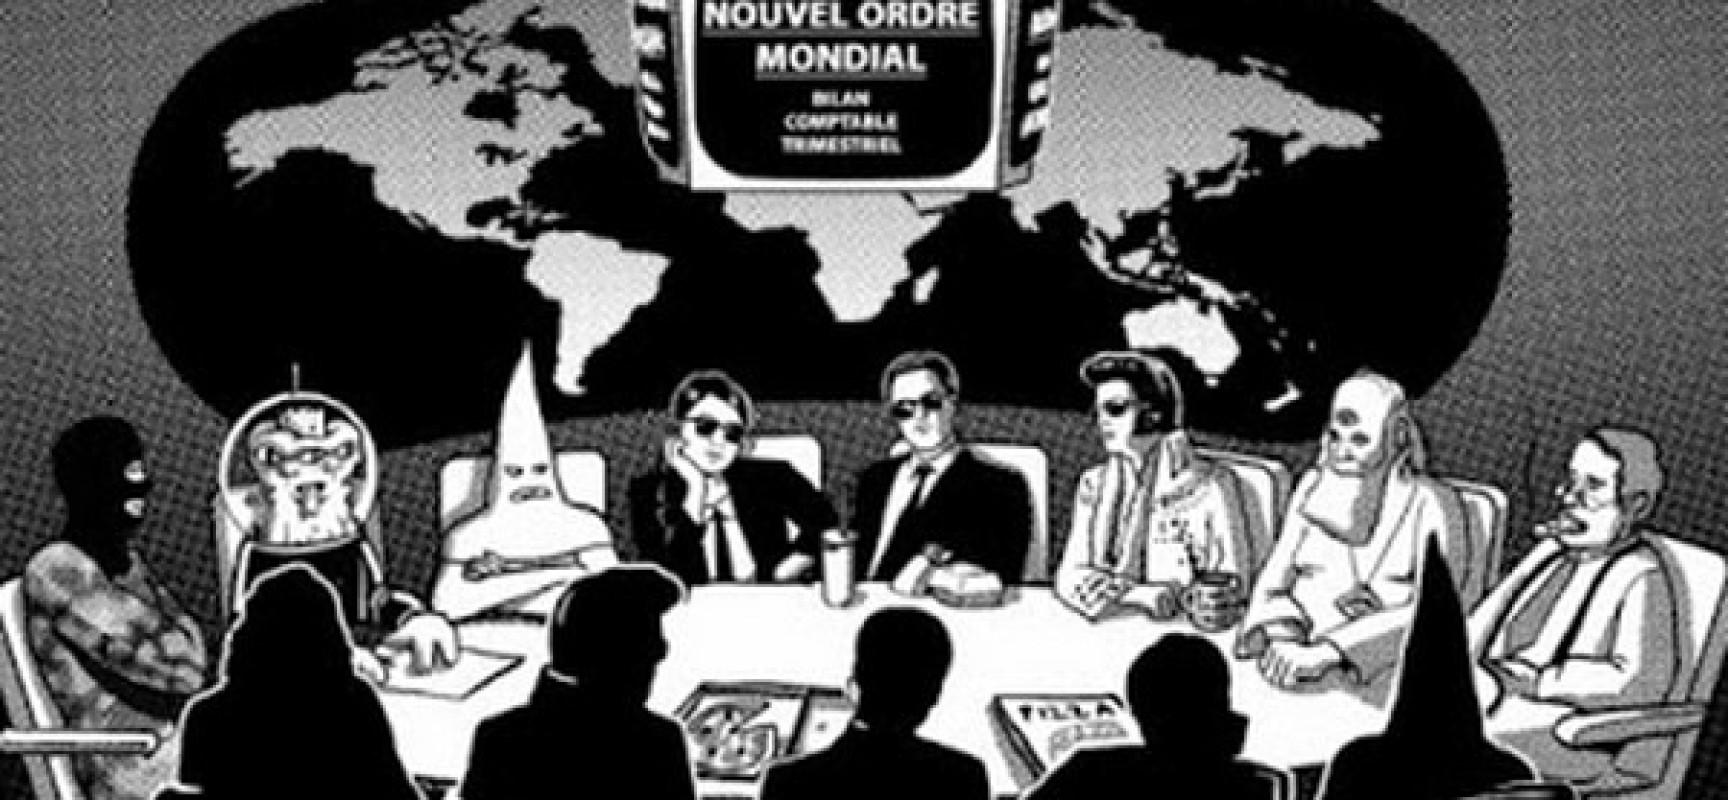 «On te Manipule»: Le gouvernement décrypte «la théorie du complot pour les neuneus»